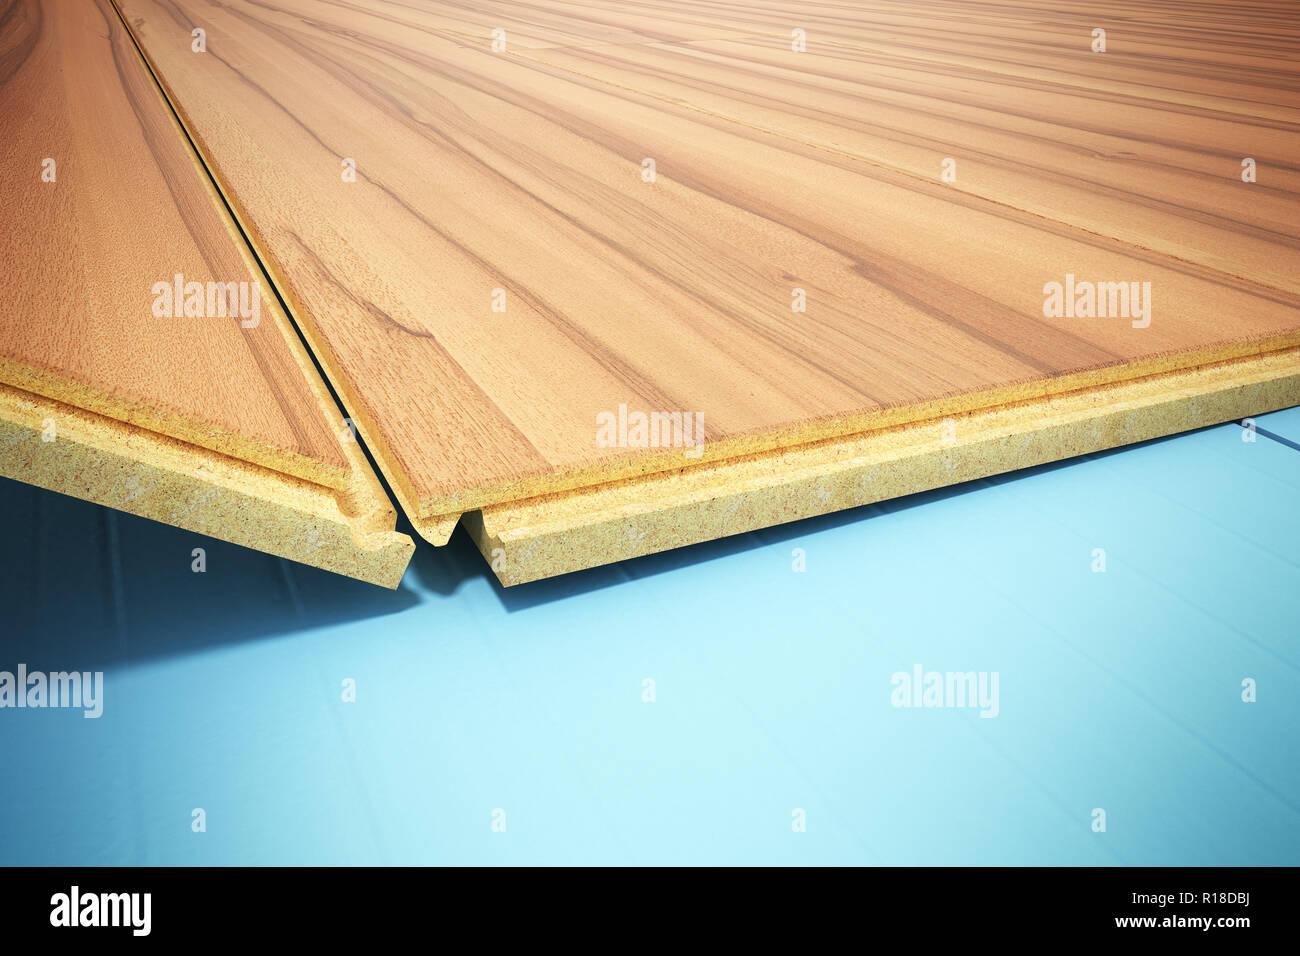 Fußboden Wärmedämmung ~ Installation holz laminat mit wärmedämmung und schallisolierung